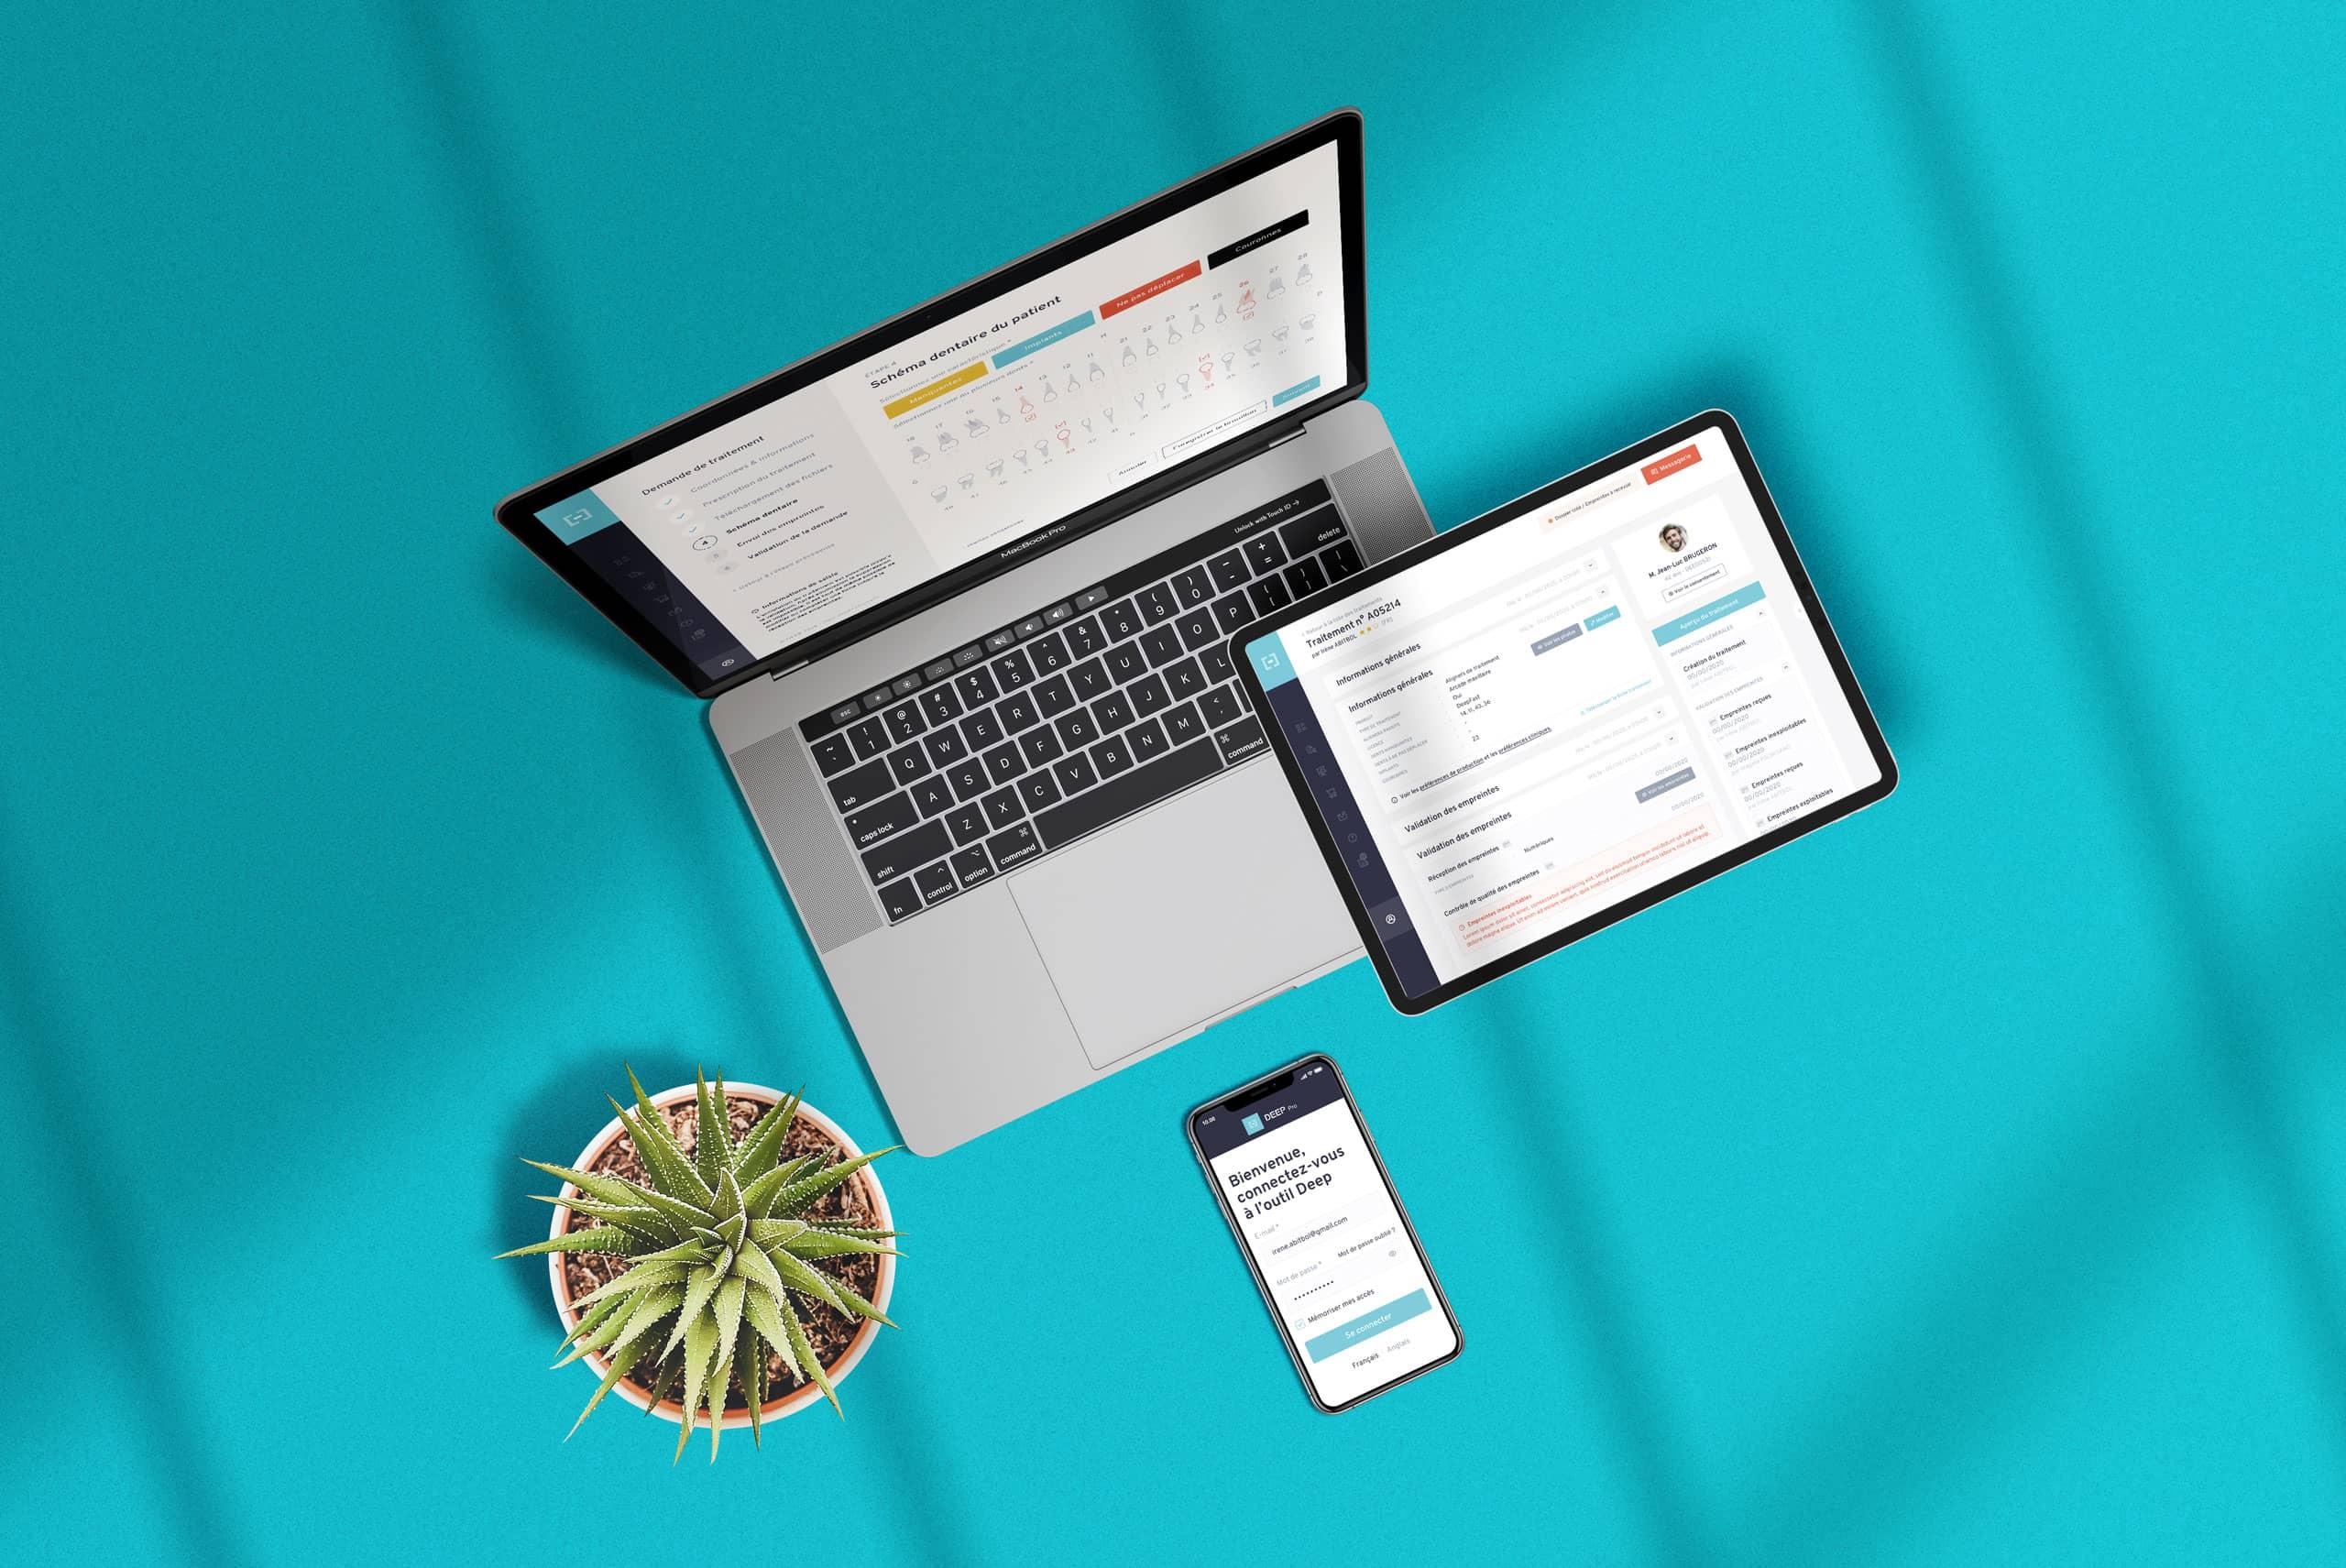 DEEP® par Agence Web Kernix - Mise en situation de l'application métier DEEP